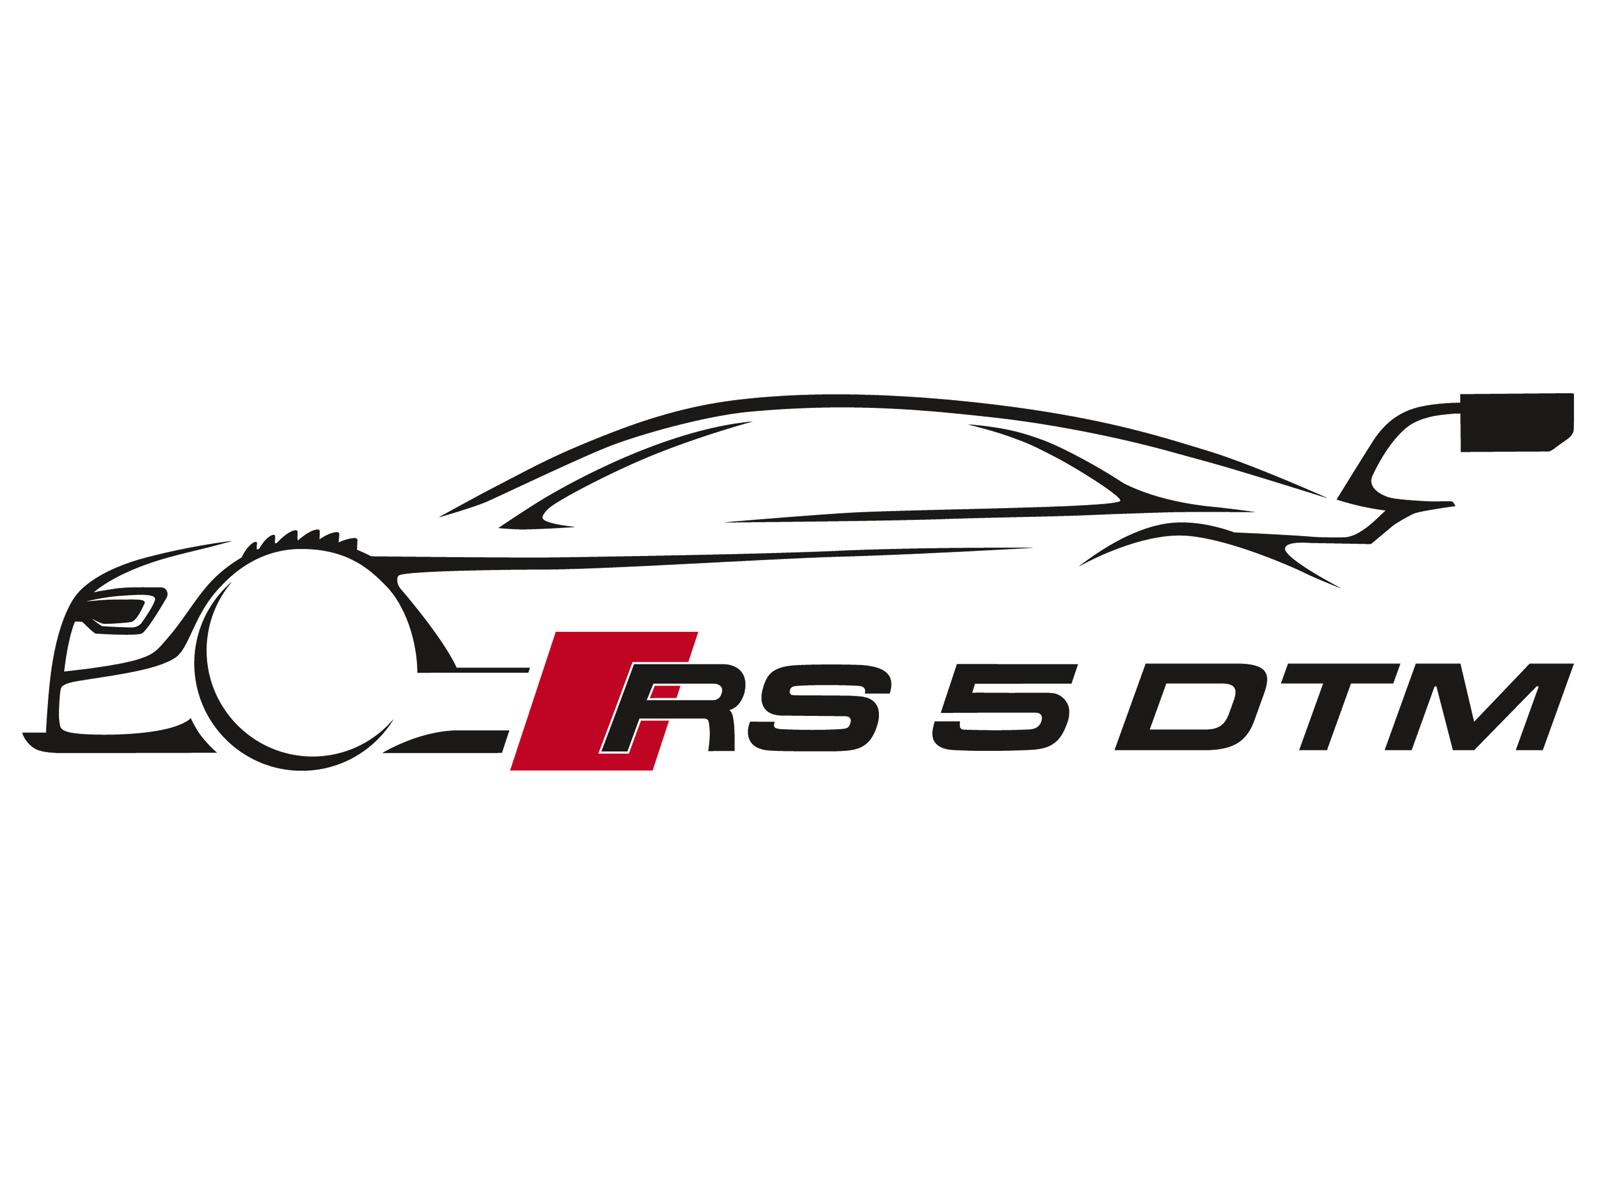 500 Black Sports Car Outline Logo Design